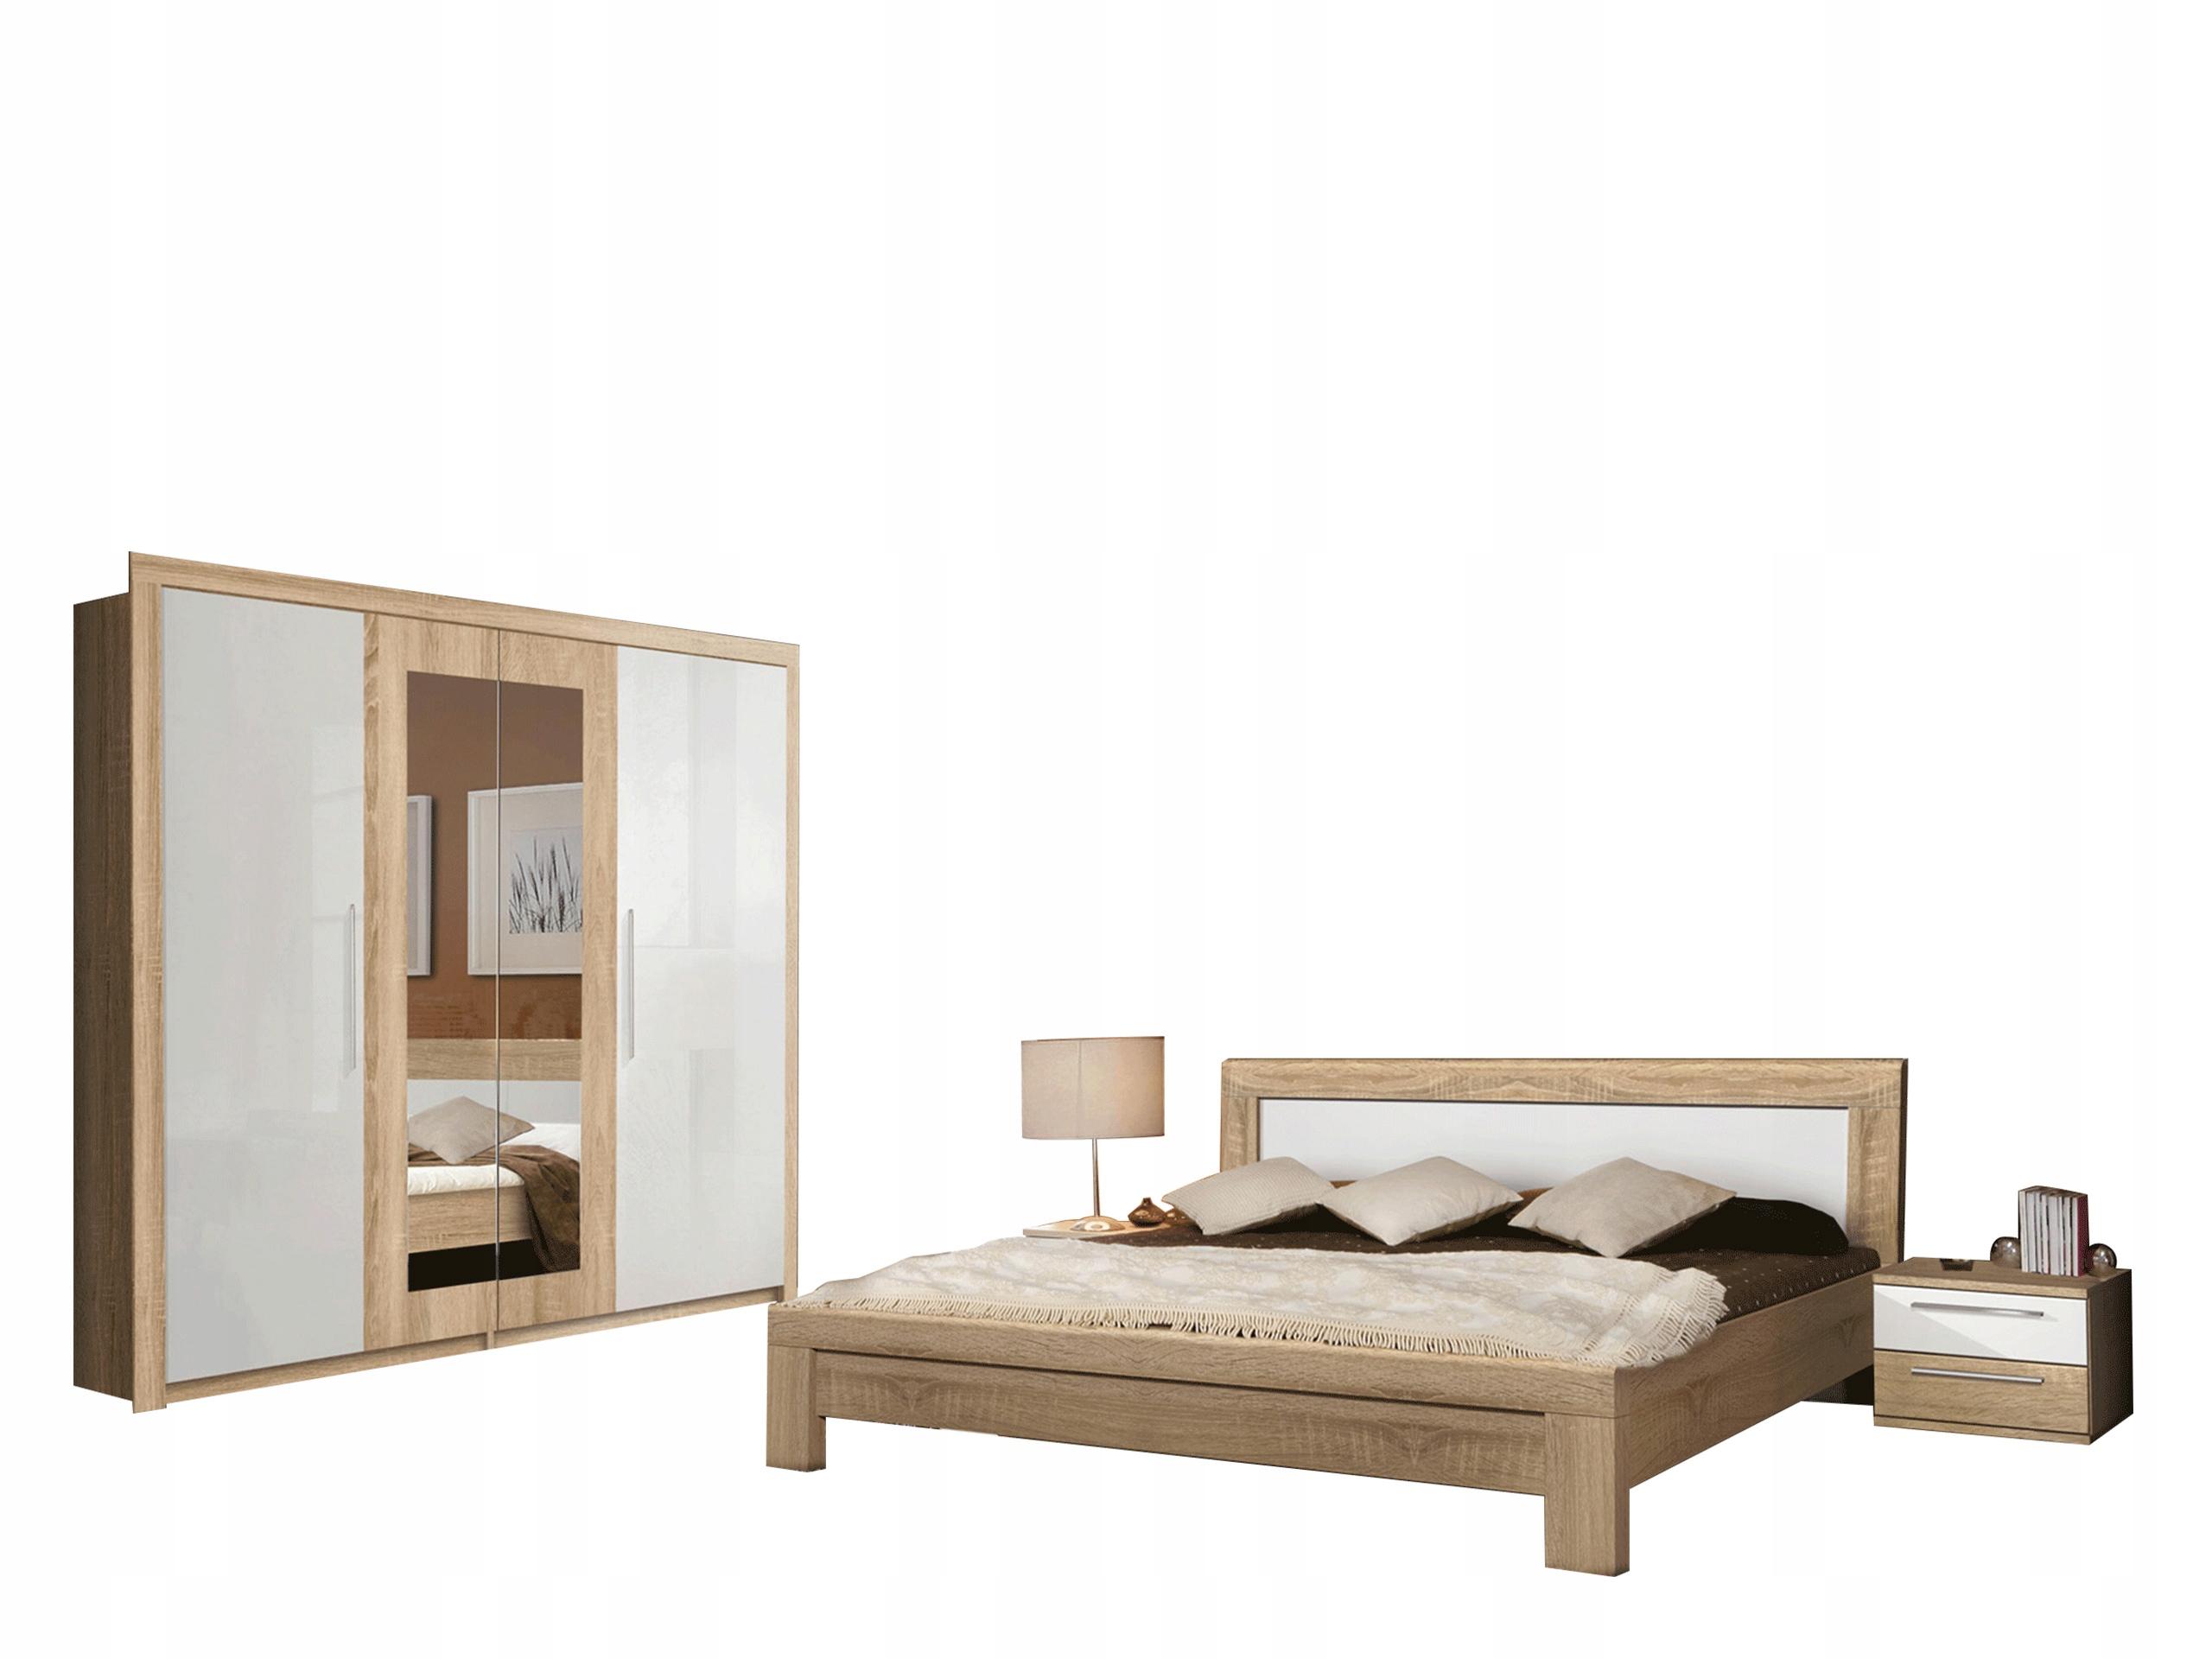 Sypialnia Meble Do Sypialni Julietta łóżko Forte